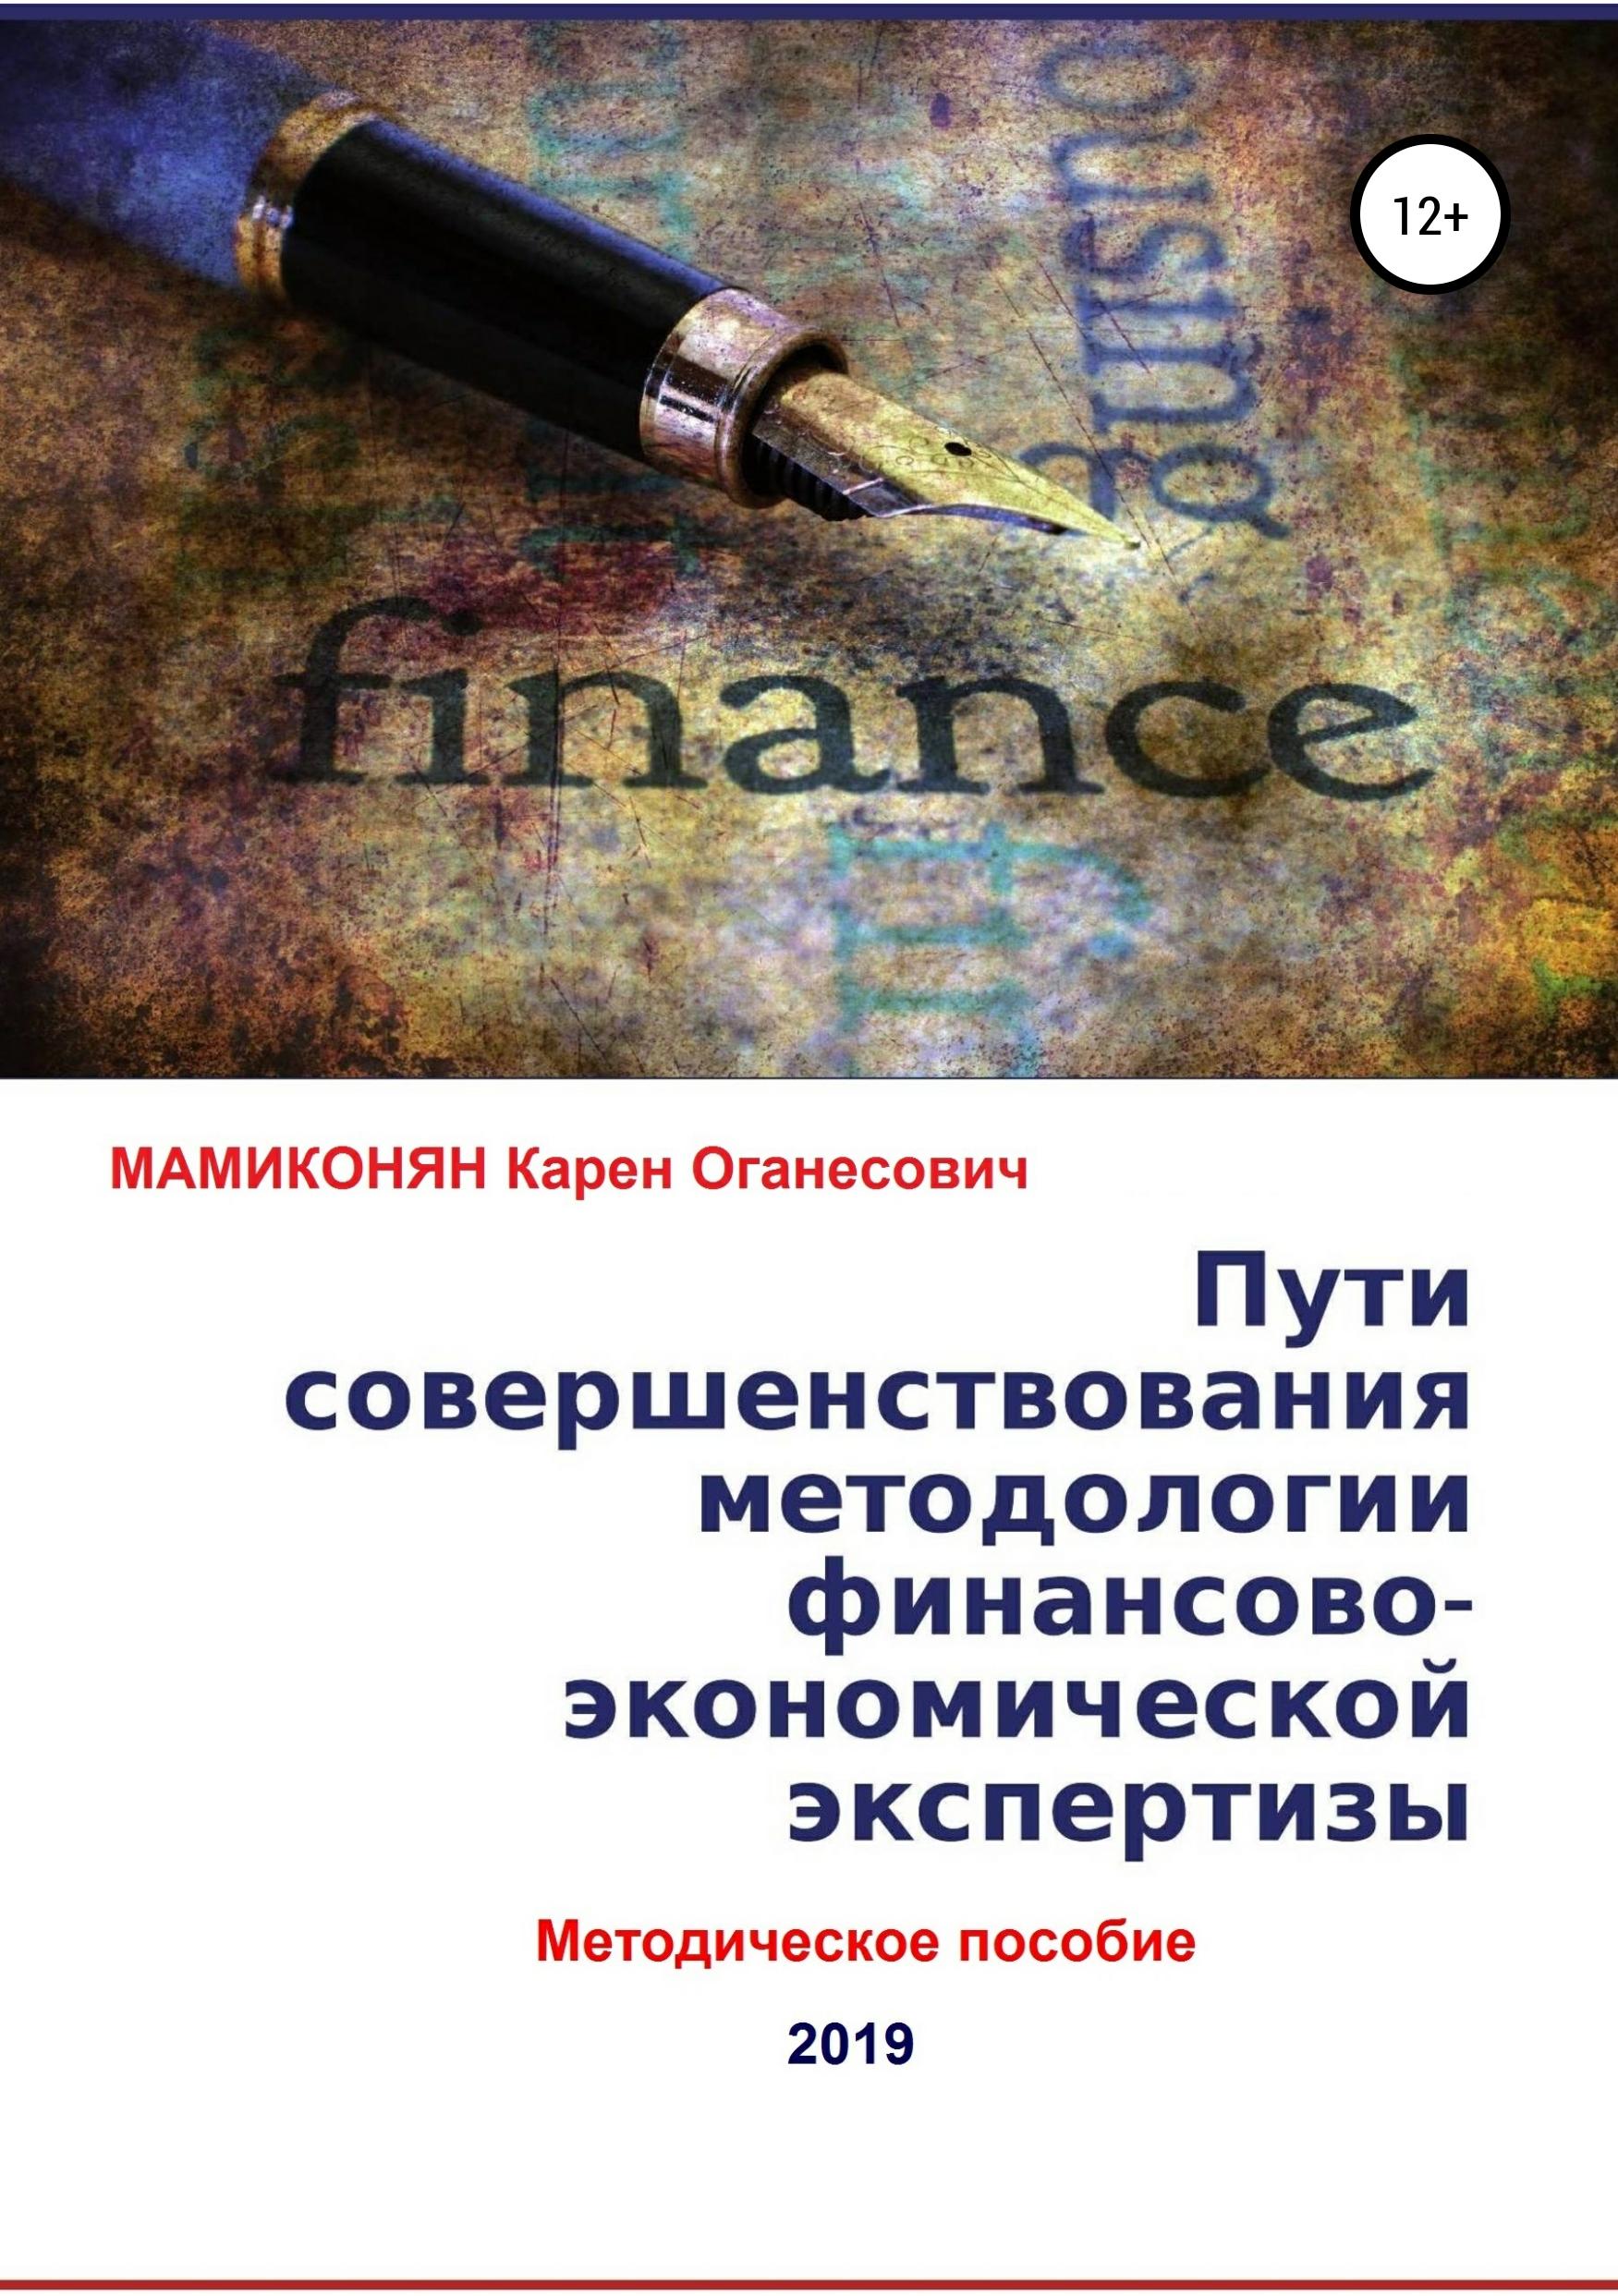 Пути совершенствования методологии финансово-экономической экспертизы. Методическое пособие